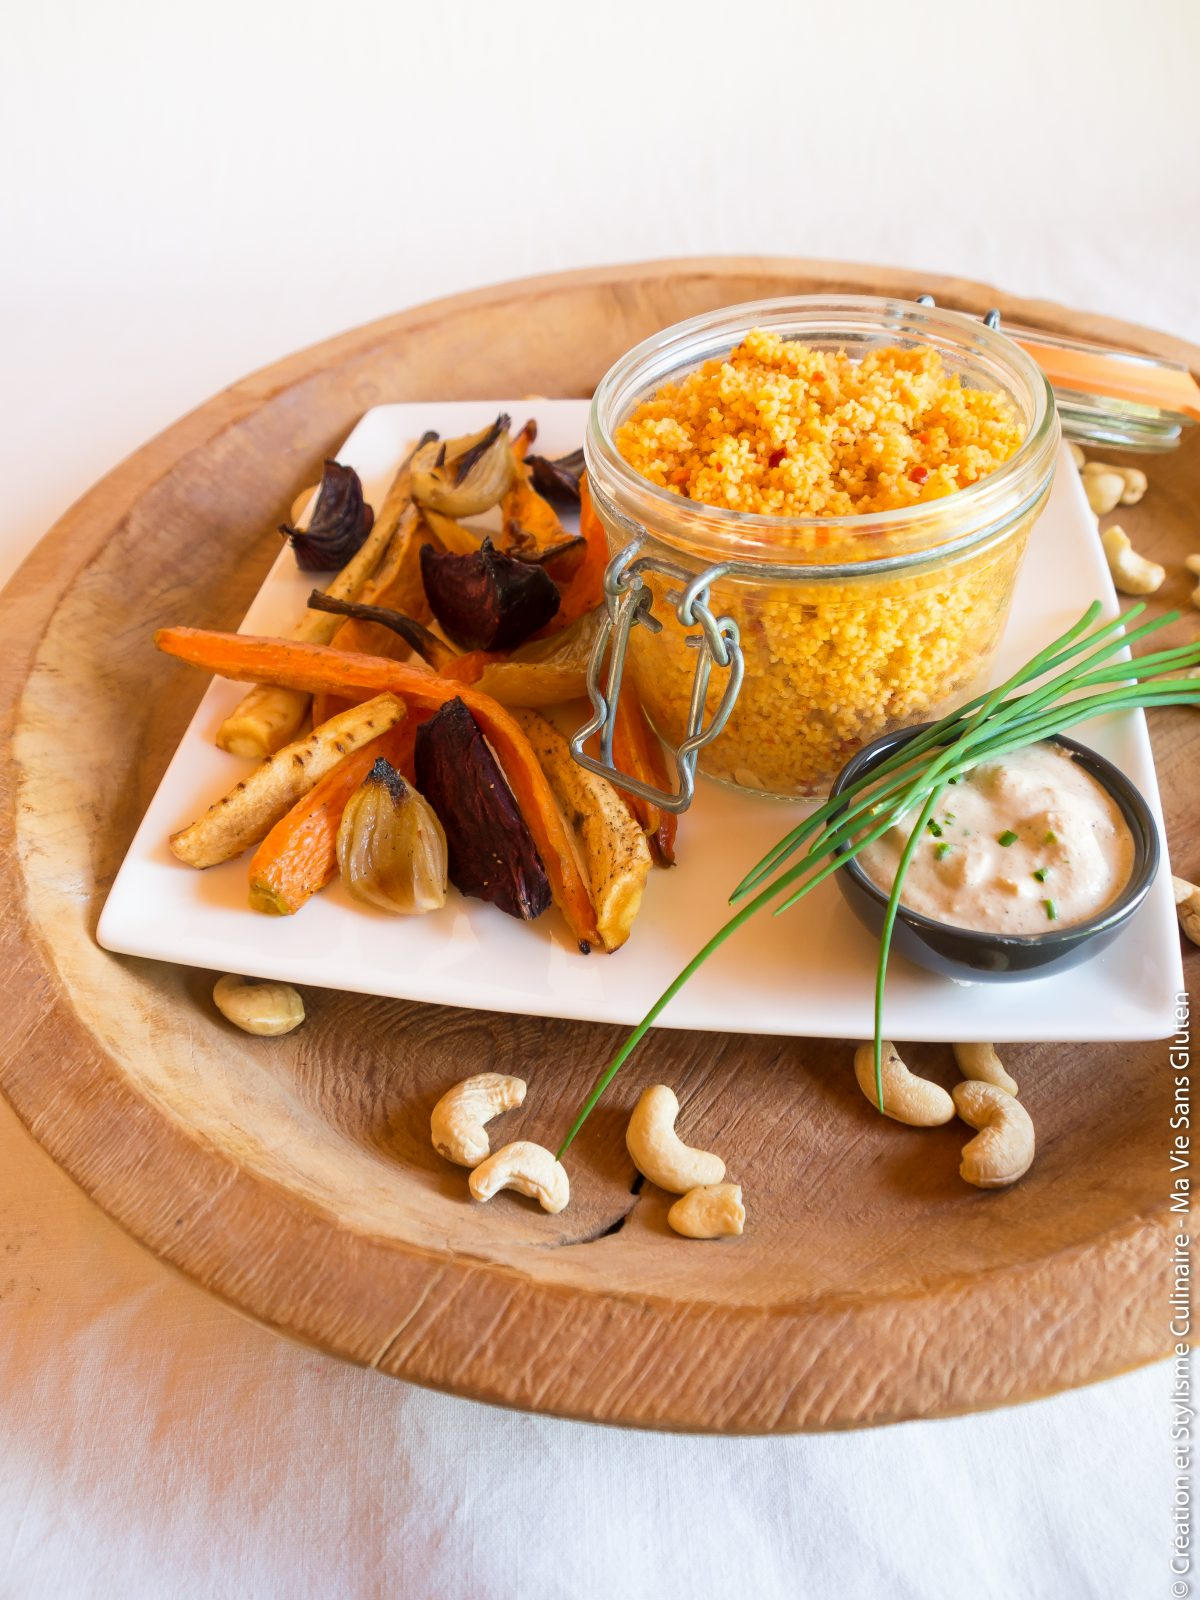 Legumes-rotis-couscours-du-soleil-7